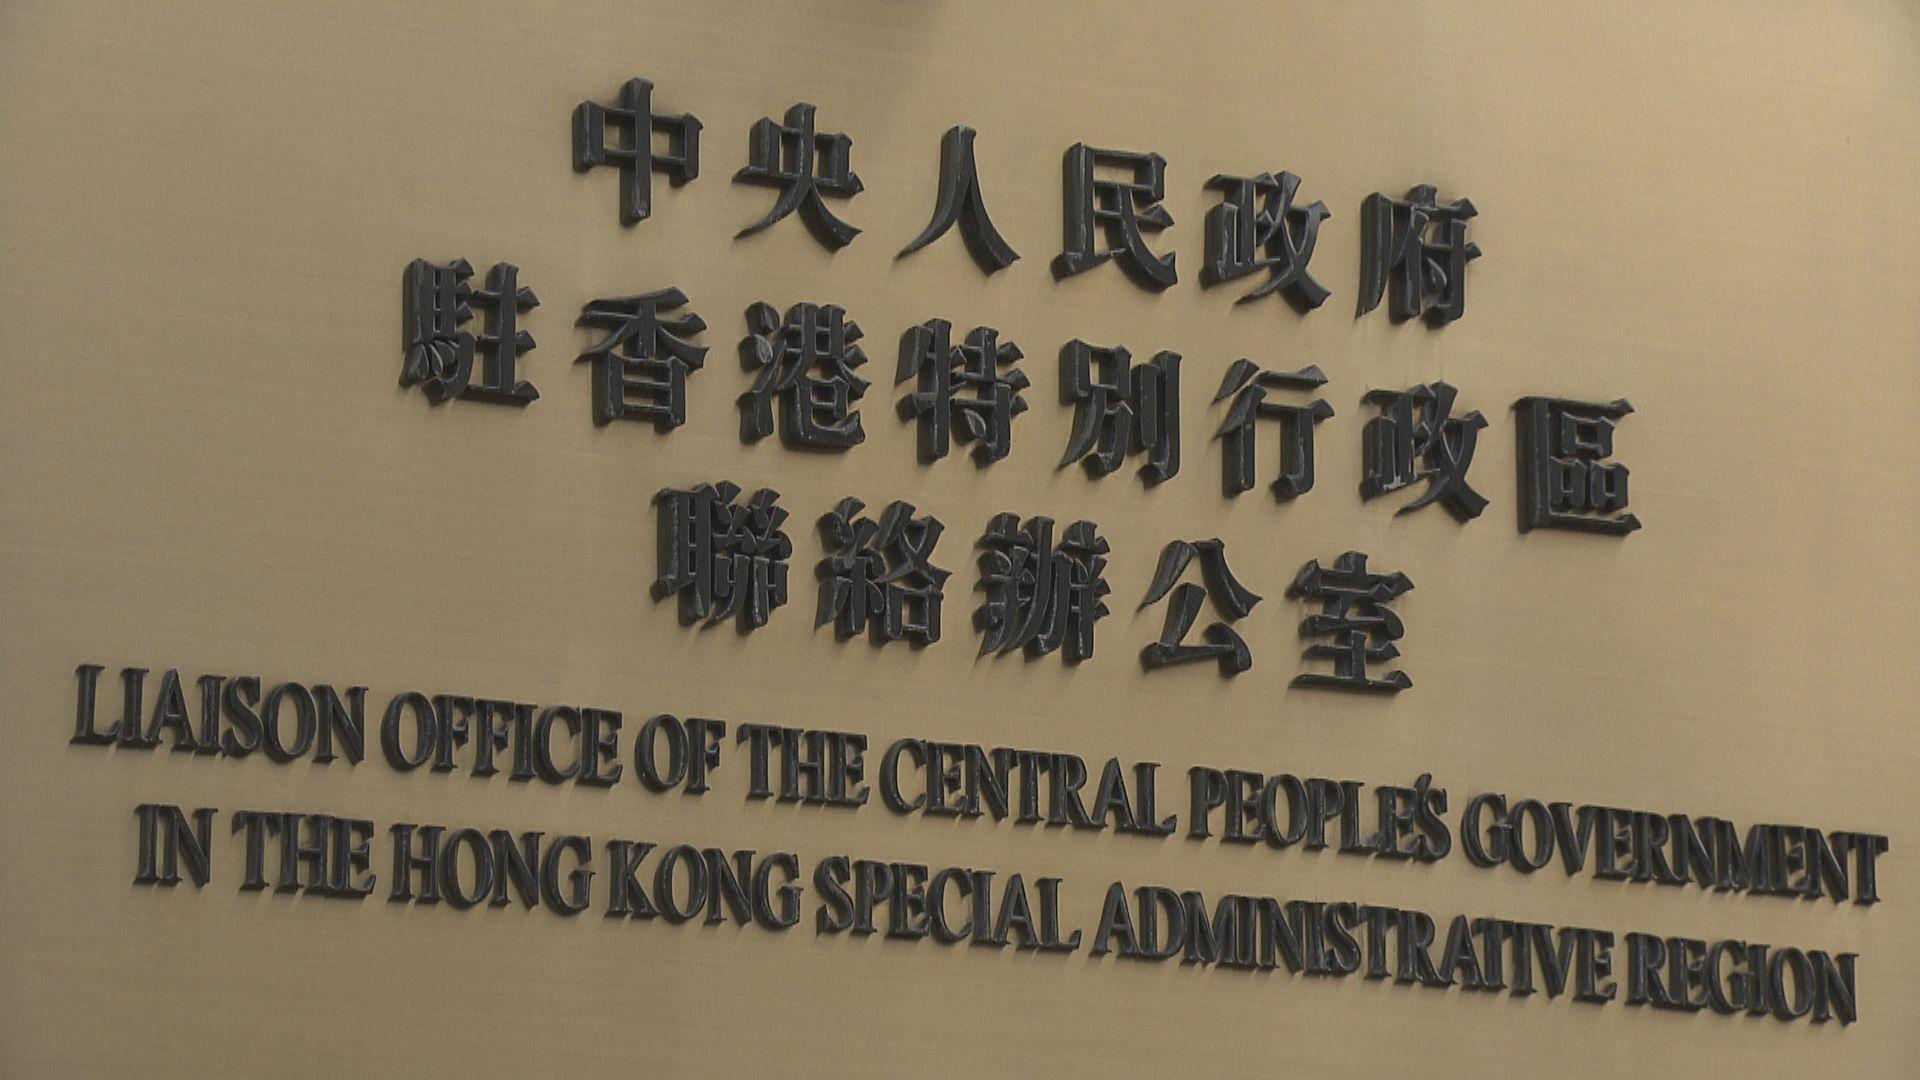 中聯辦:暴徒破壞行為顯示立國安法迫切性